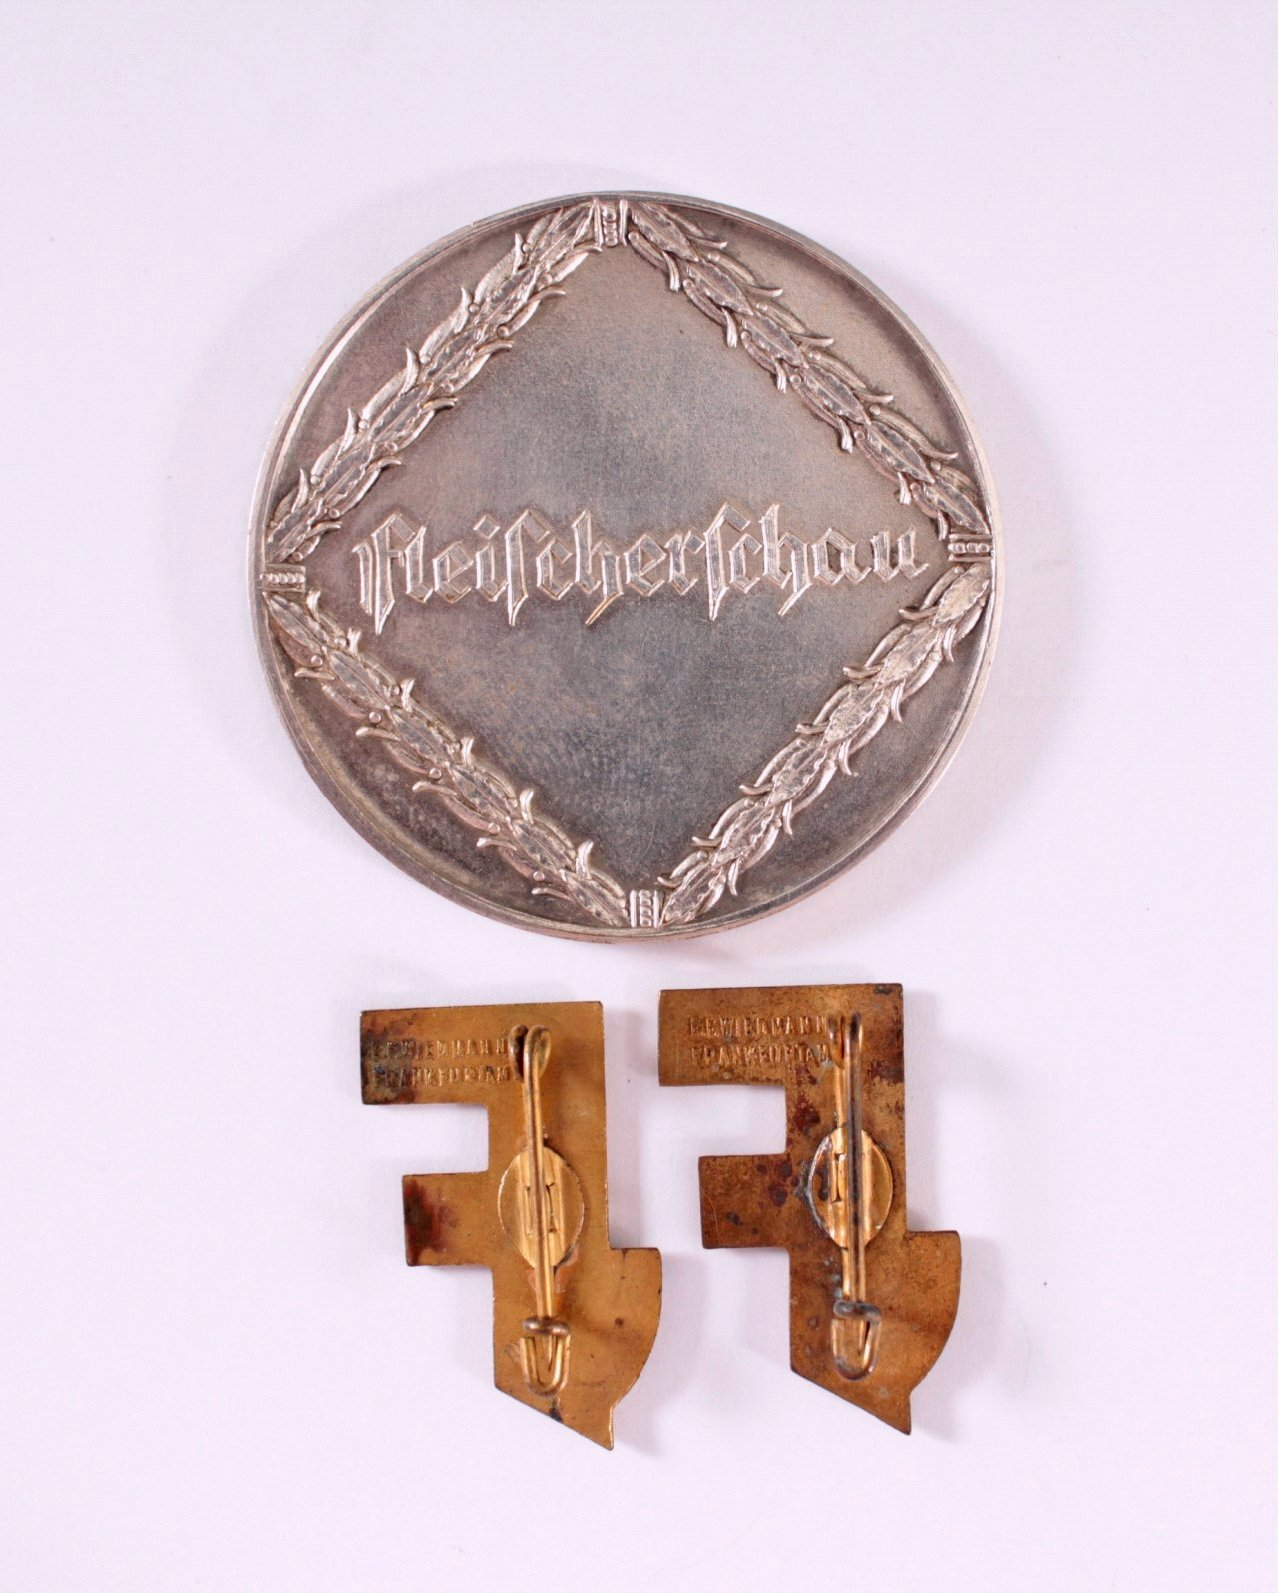 55. Fleischer-Verbandstag Frankfurt 1935-2